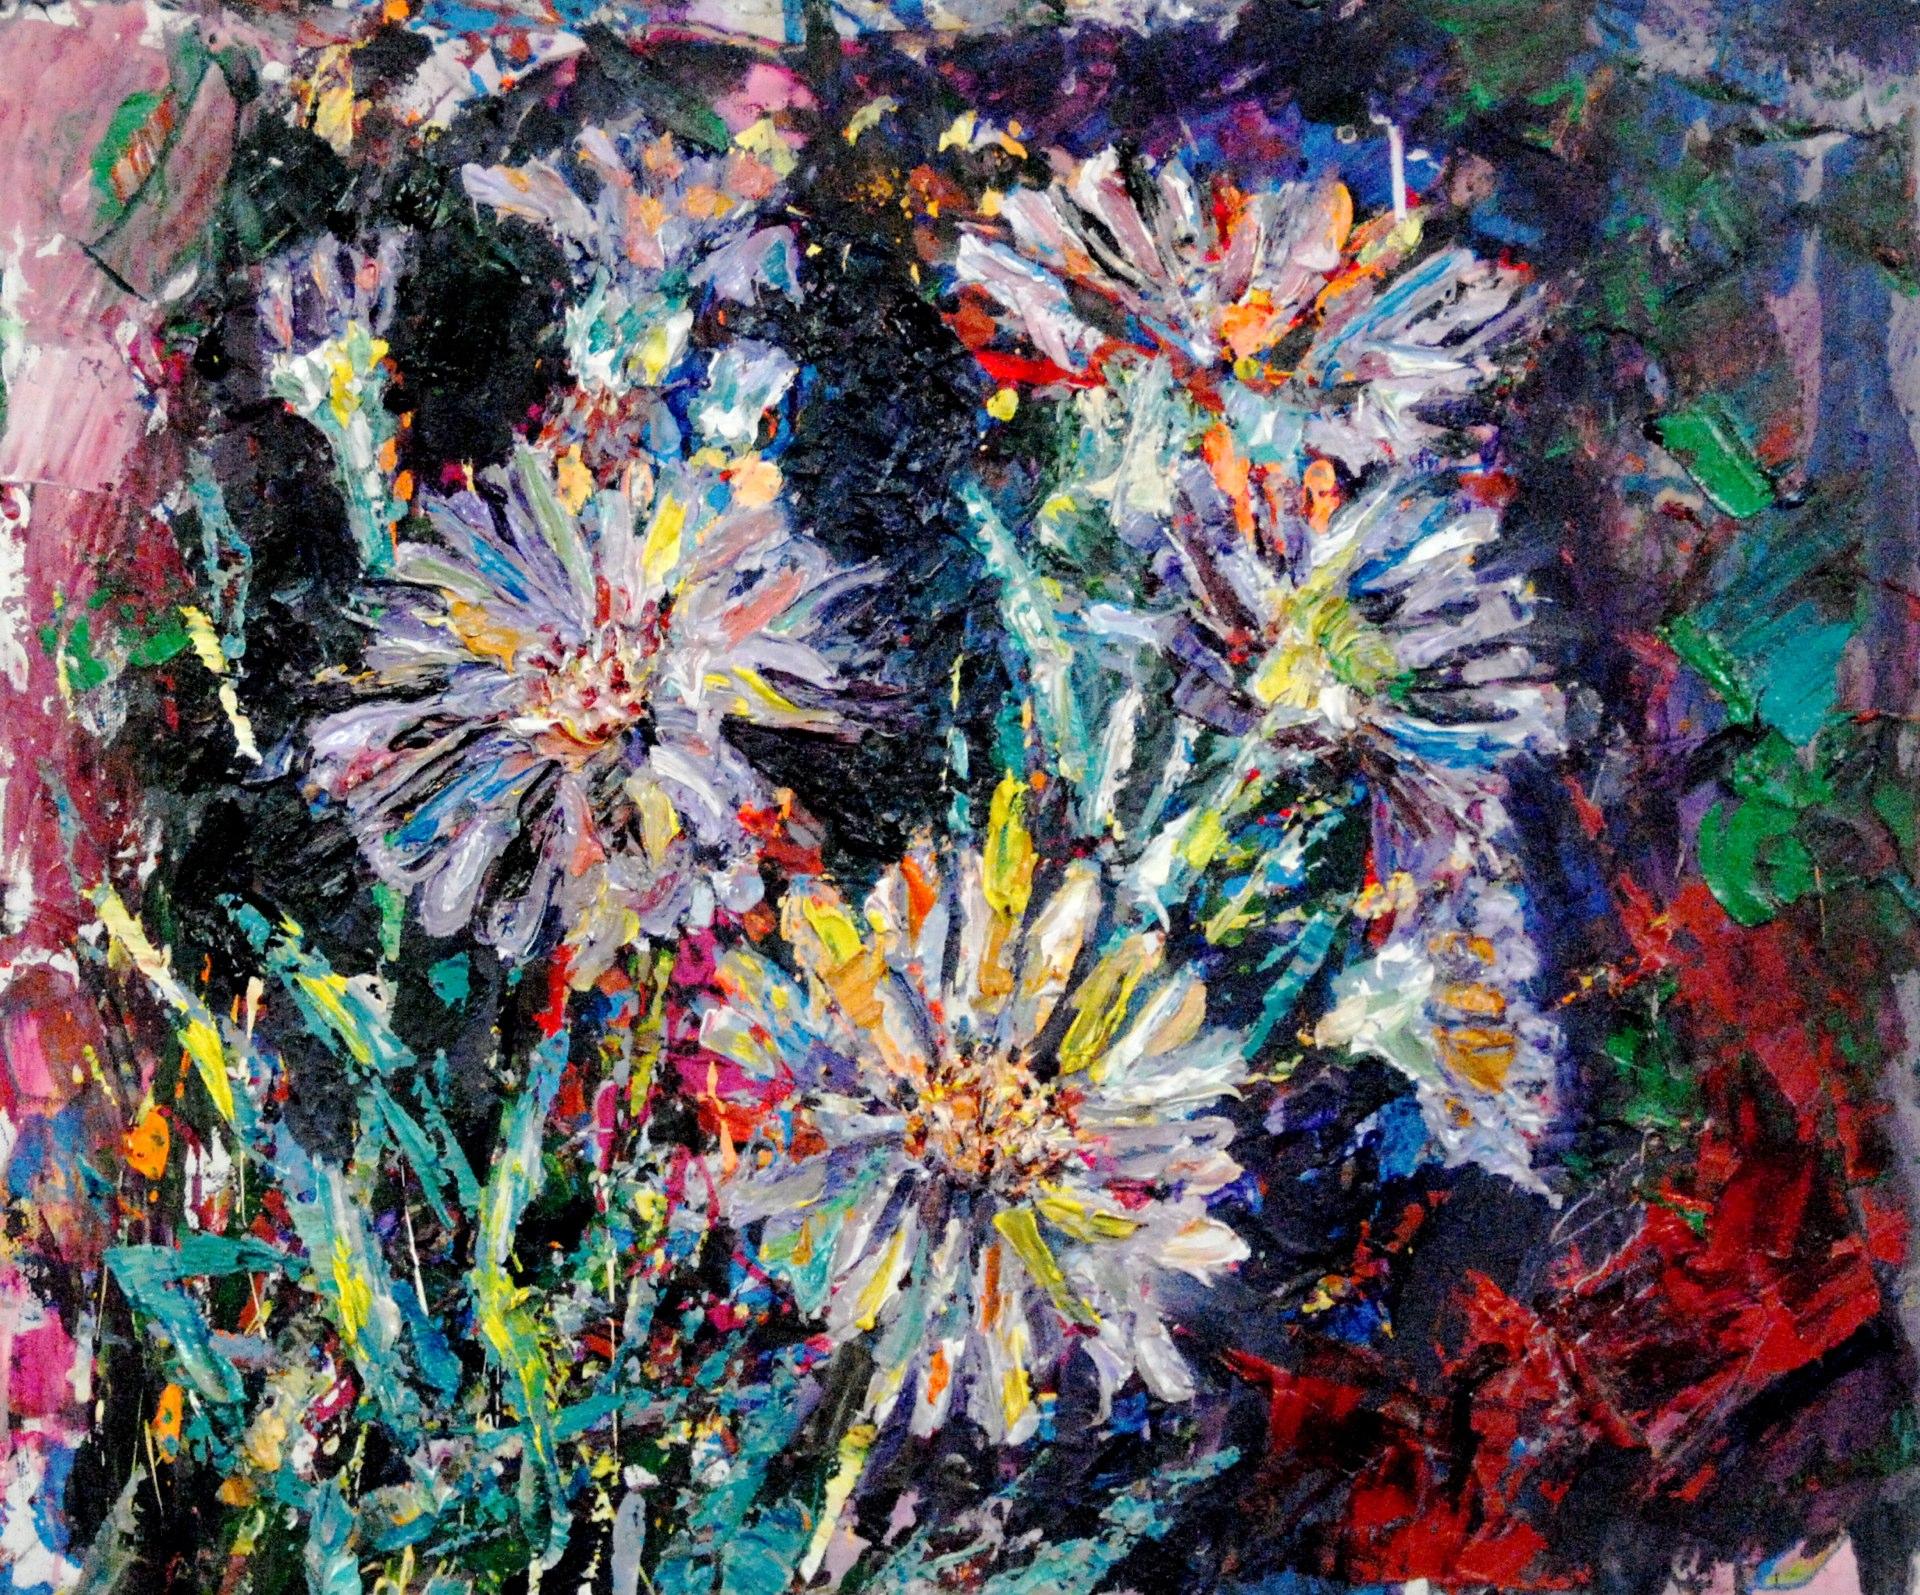 petal_to_the_petal